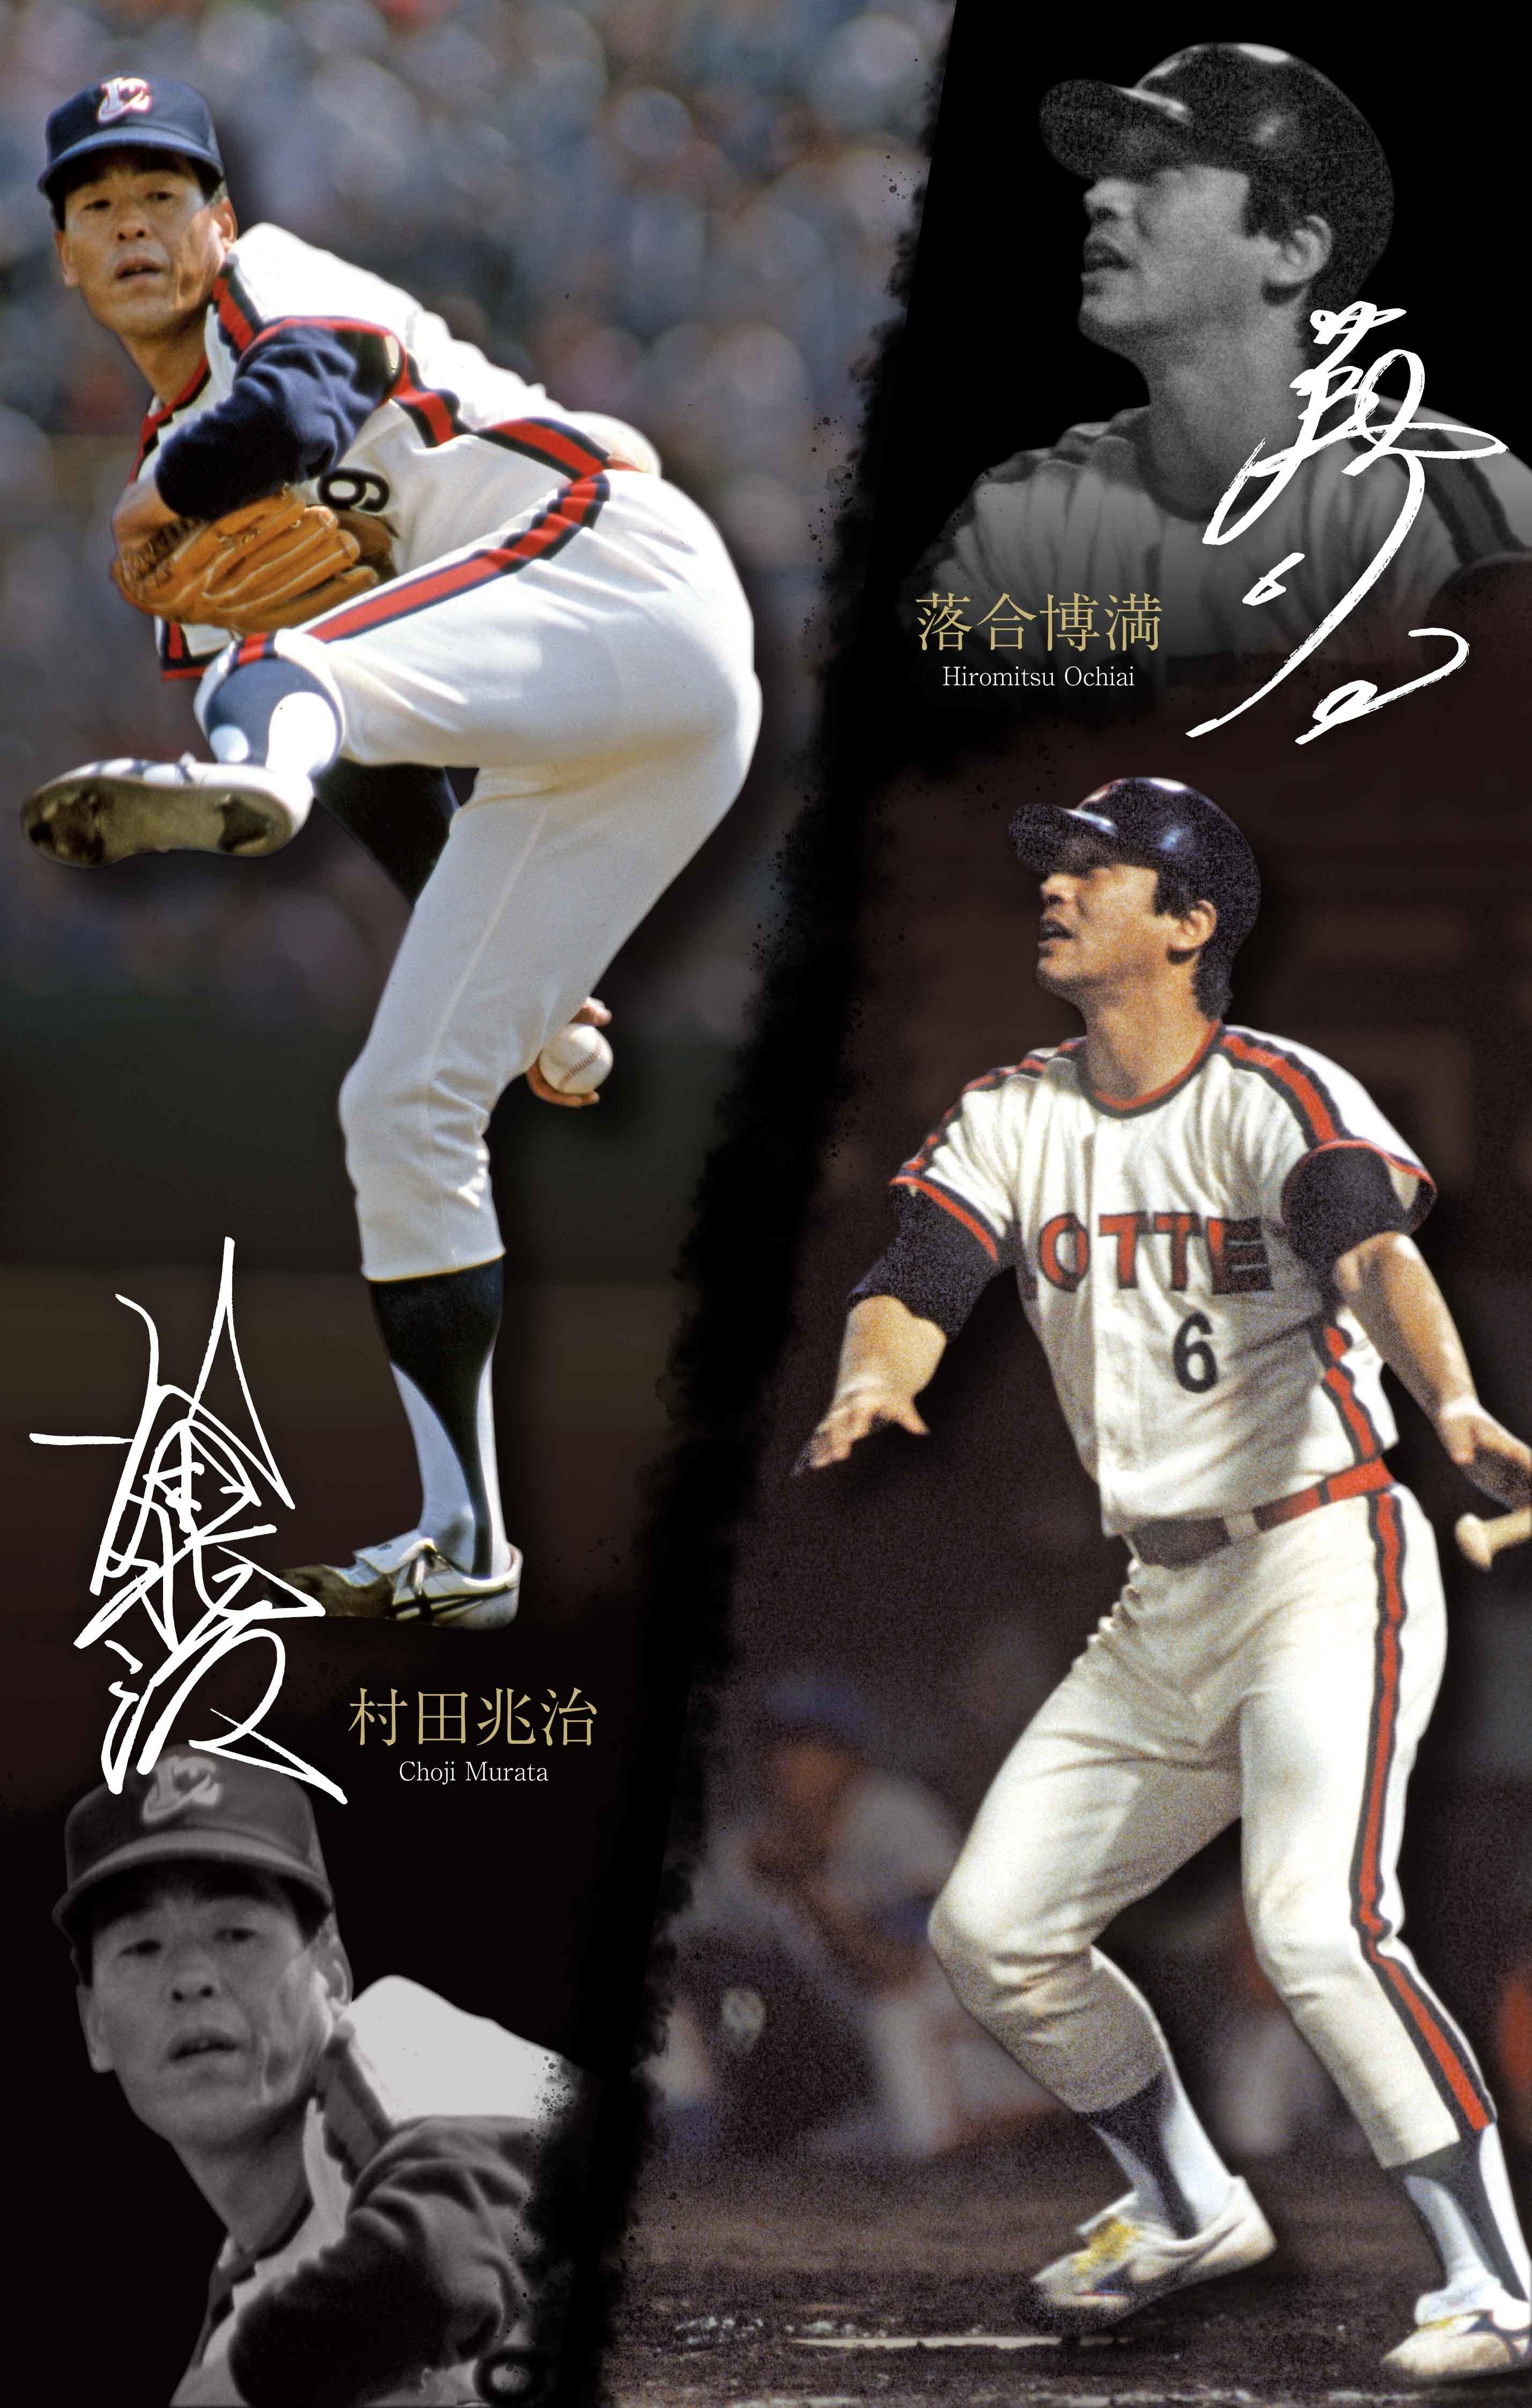 裏表紙には村田兆治氏、落合博満氏の現役時代の写真とサインが印字されている